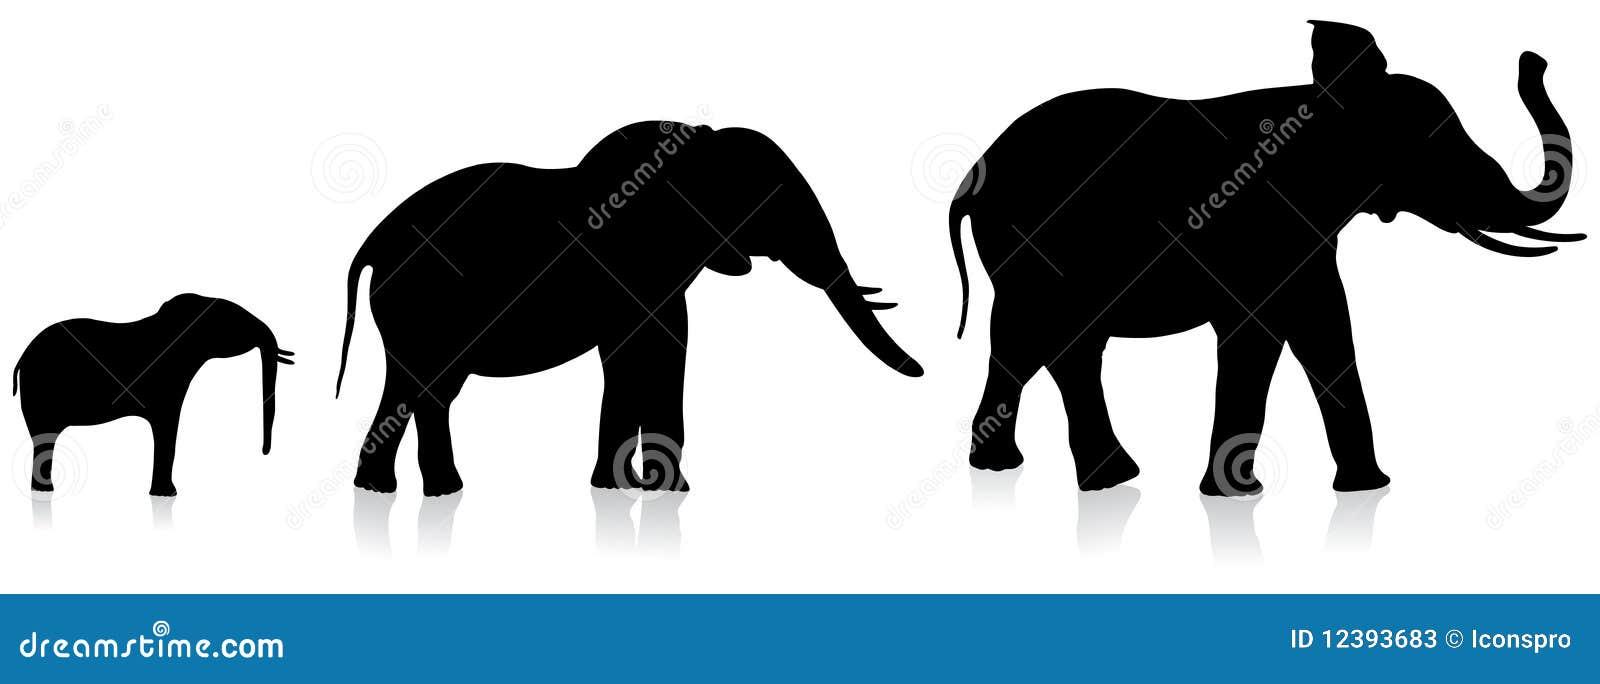 Elefantes Adultos E Infantiles En El Fondo Blanco Fotos De